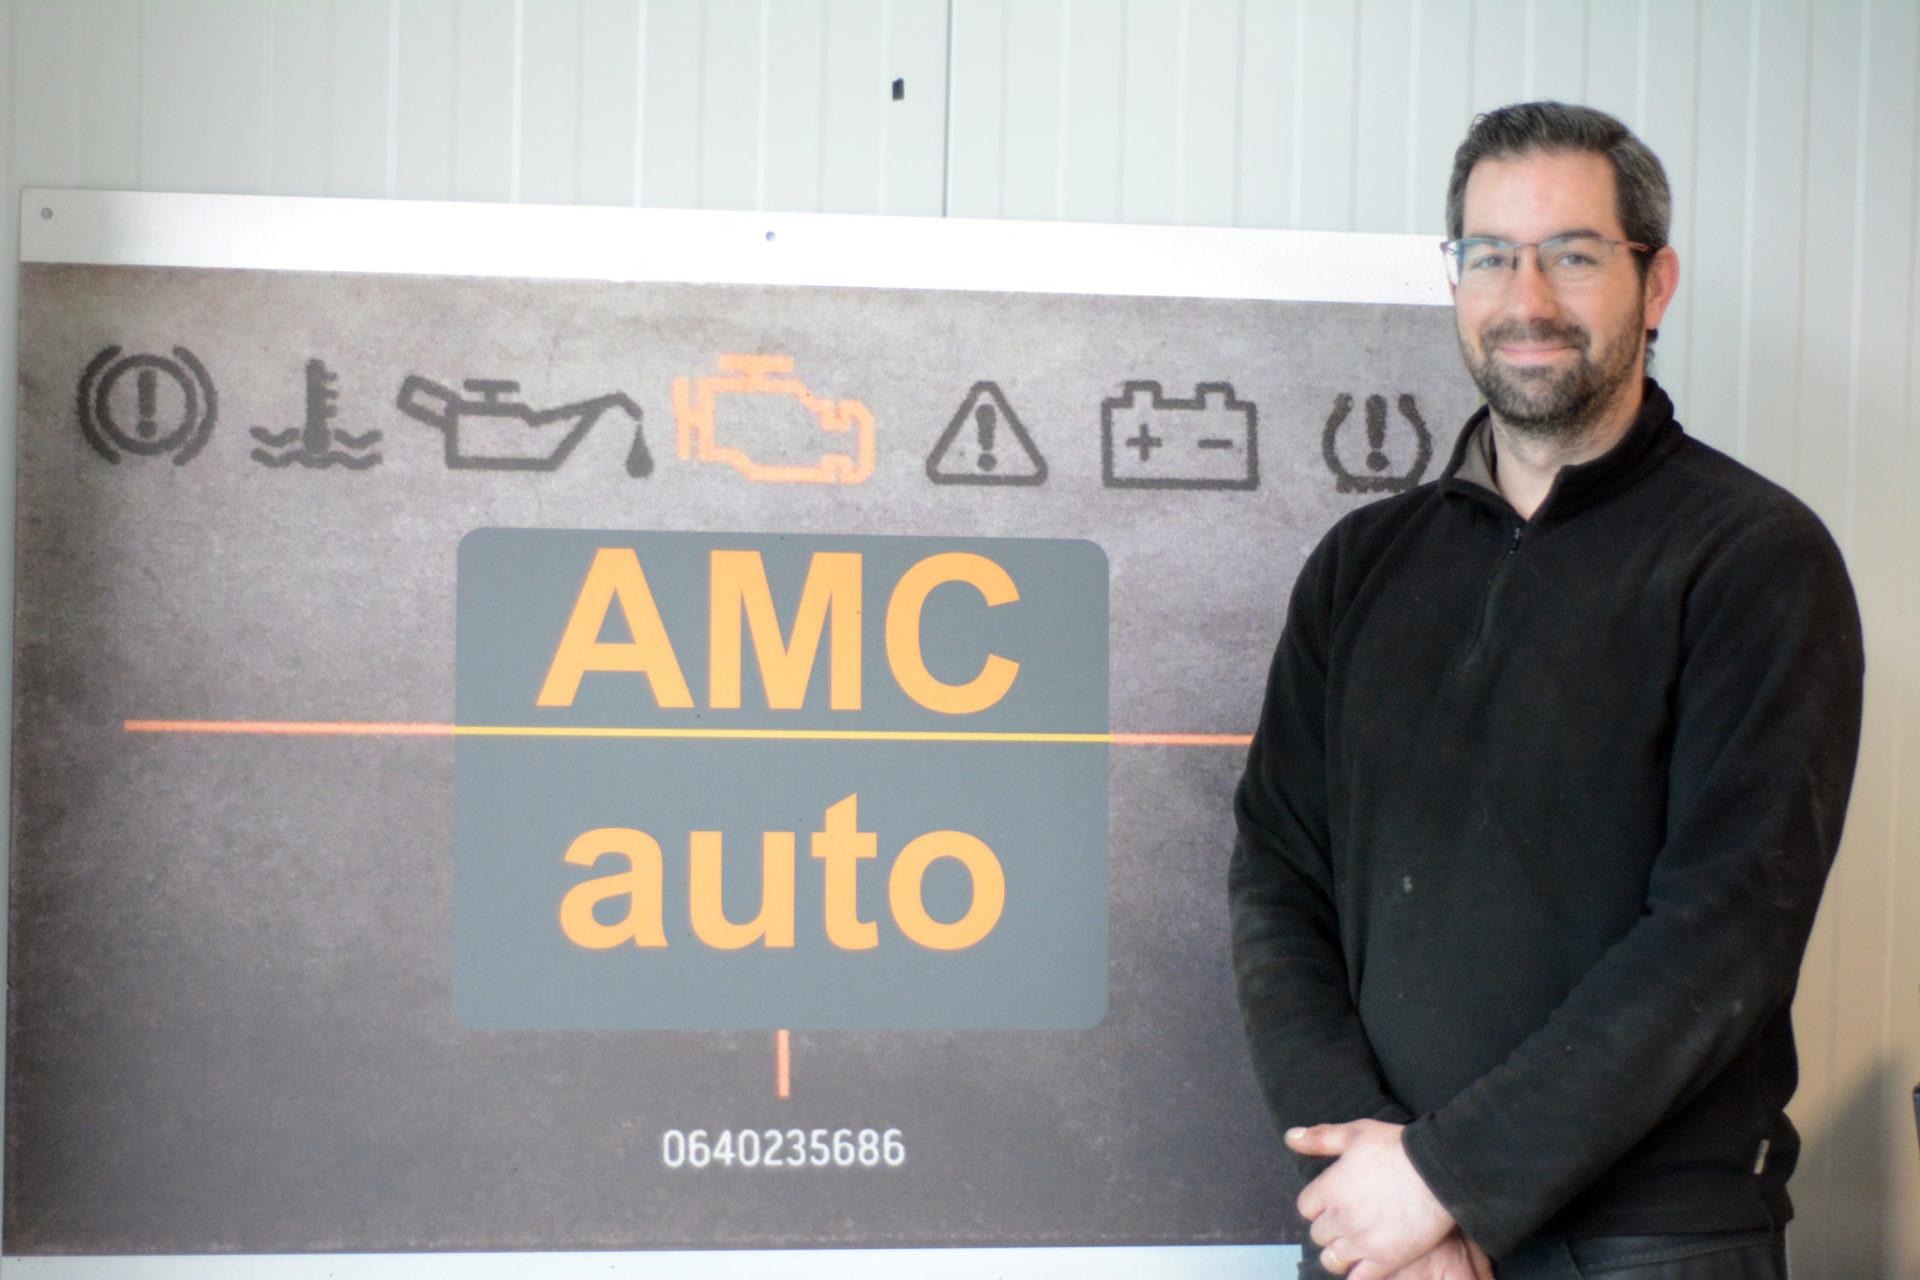 AMC Auto : un Rolivalois ouvre un nouveau garage à Val-de-Reuil !